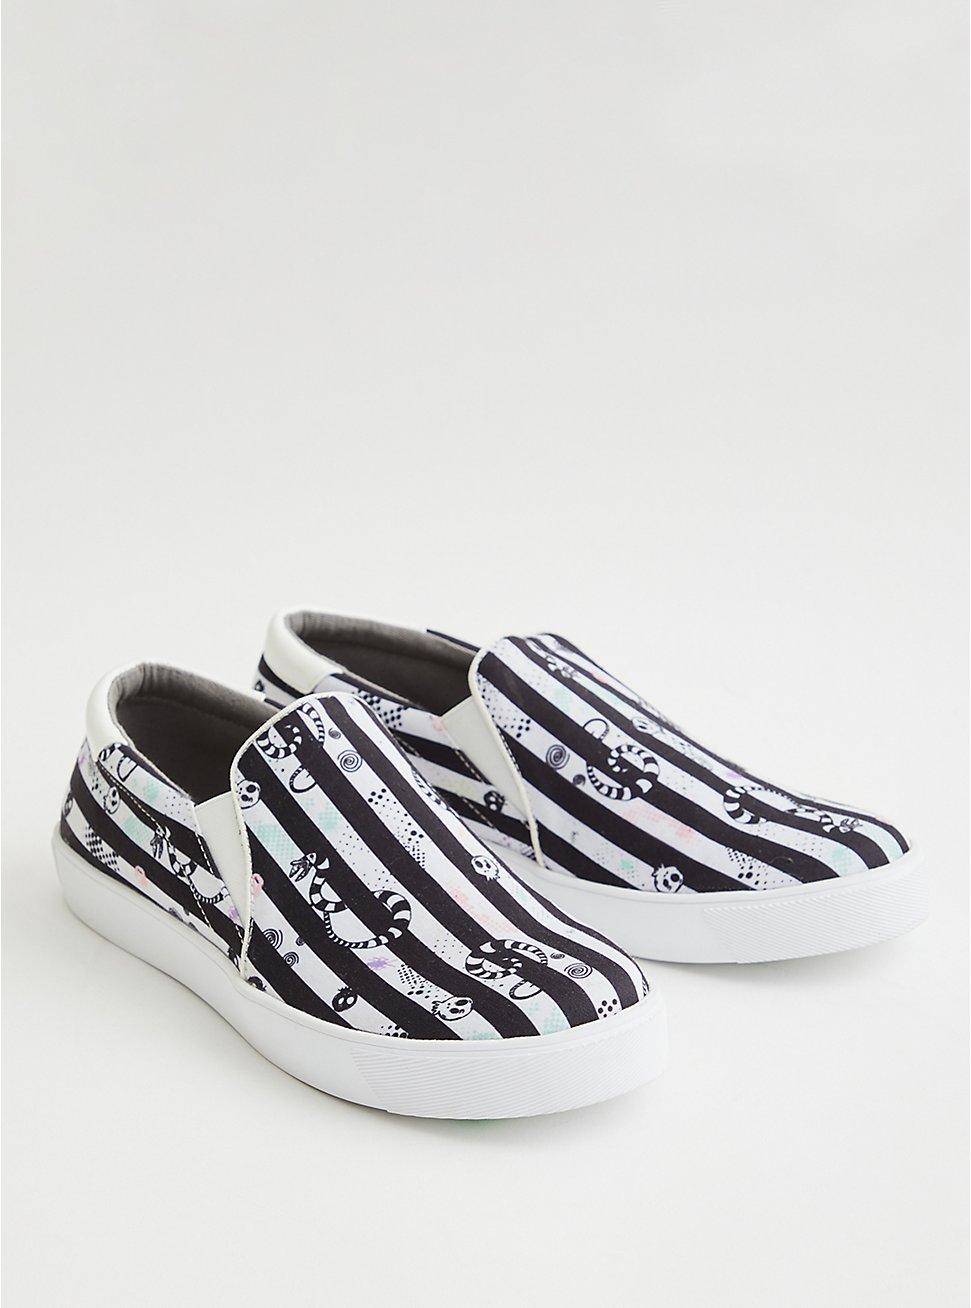 Beetlejuice Slip-On Sneaker - Canvas Striped (WW), BLACK, hi-res